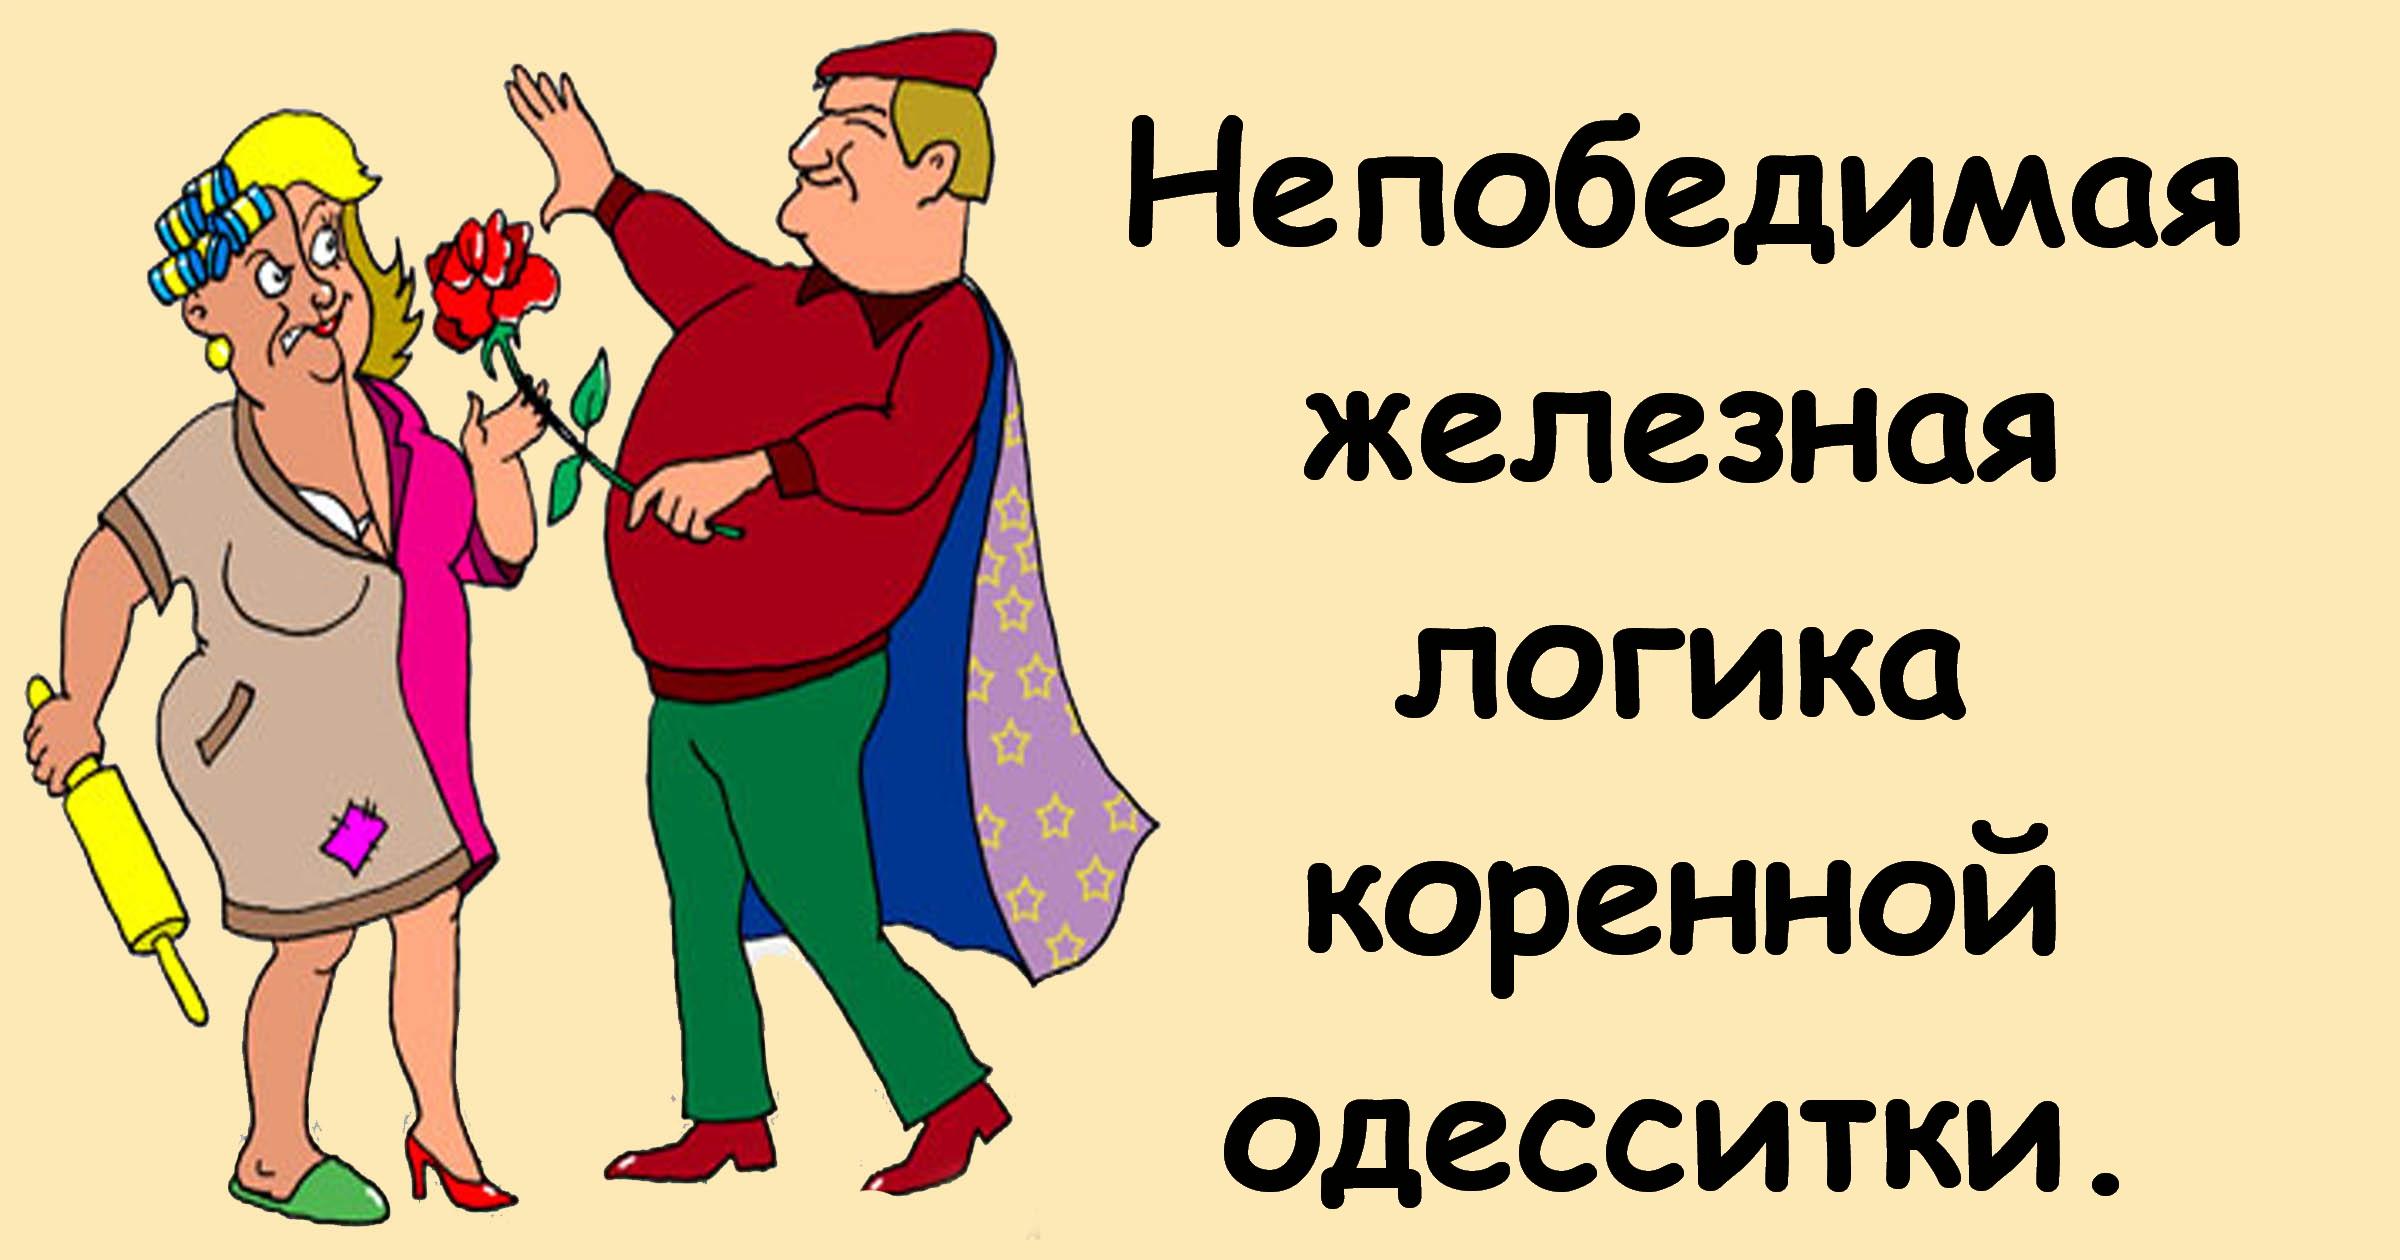 Одесситки, или лицо Одессы женской наружности. Одесса в женских лицах, непобедимая железная логика коренной одесситки